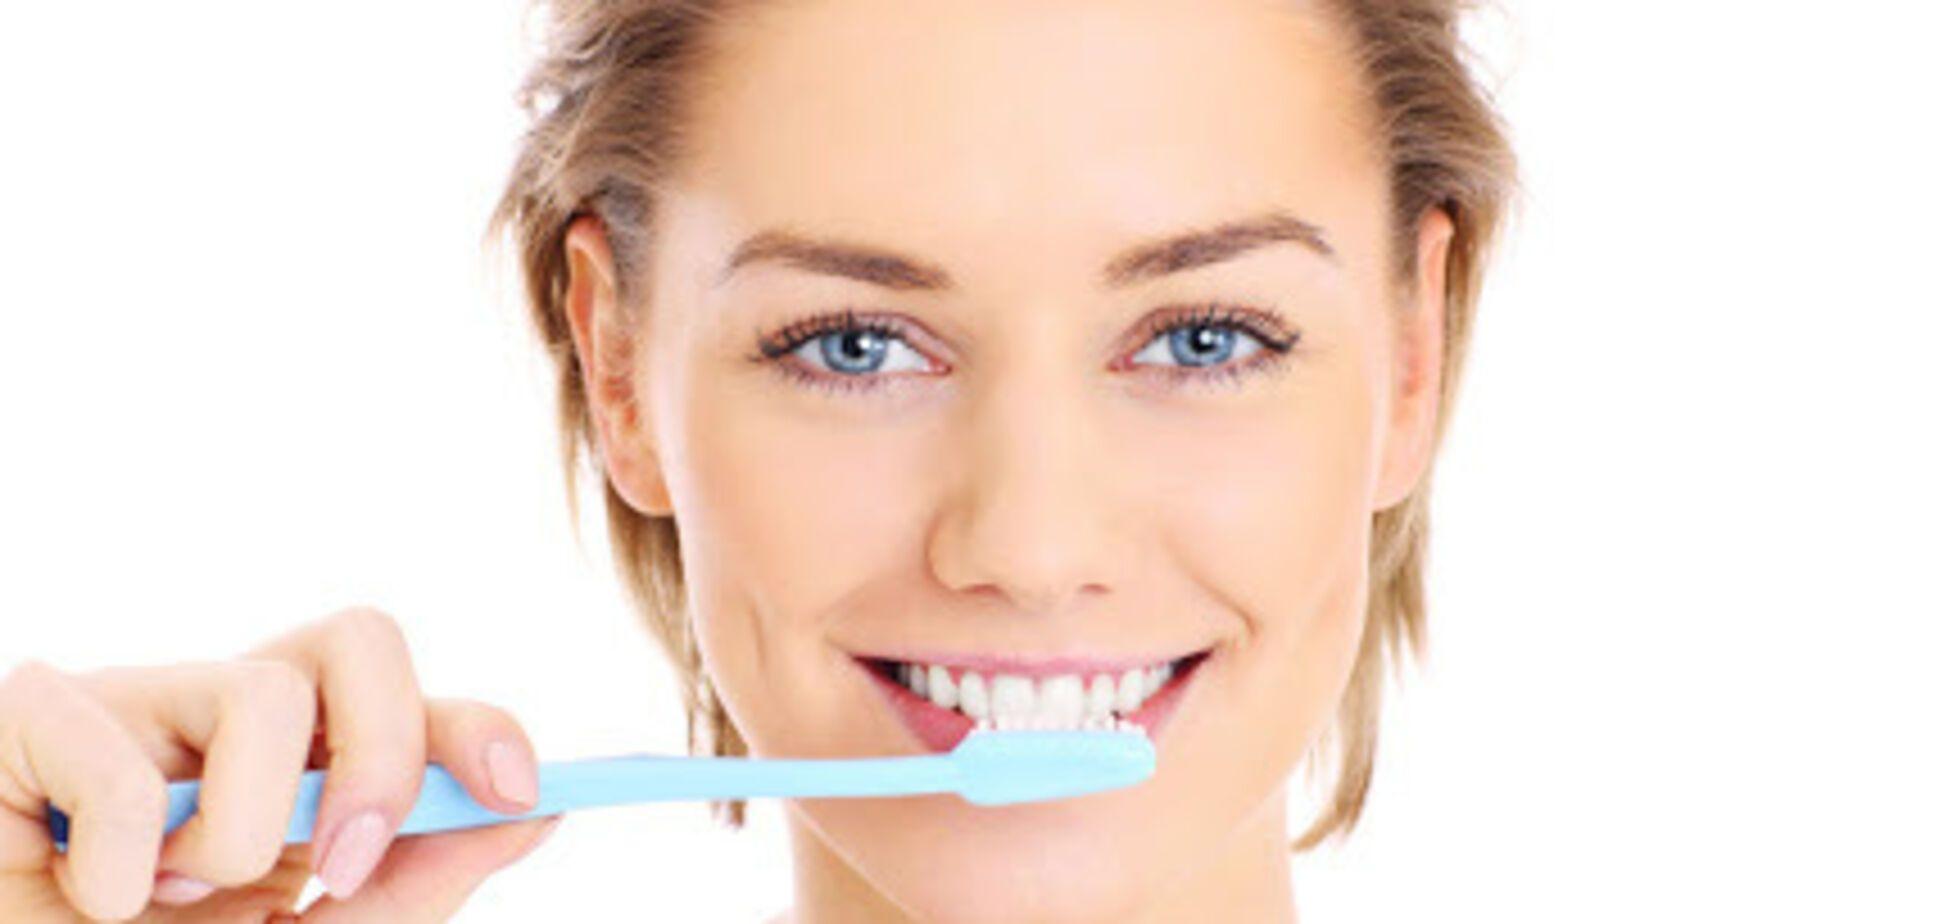 Вчені заявили про здатність зубних паст знизити ризик захворювання на коронавірус